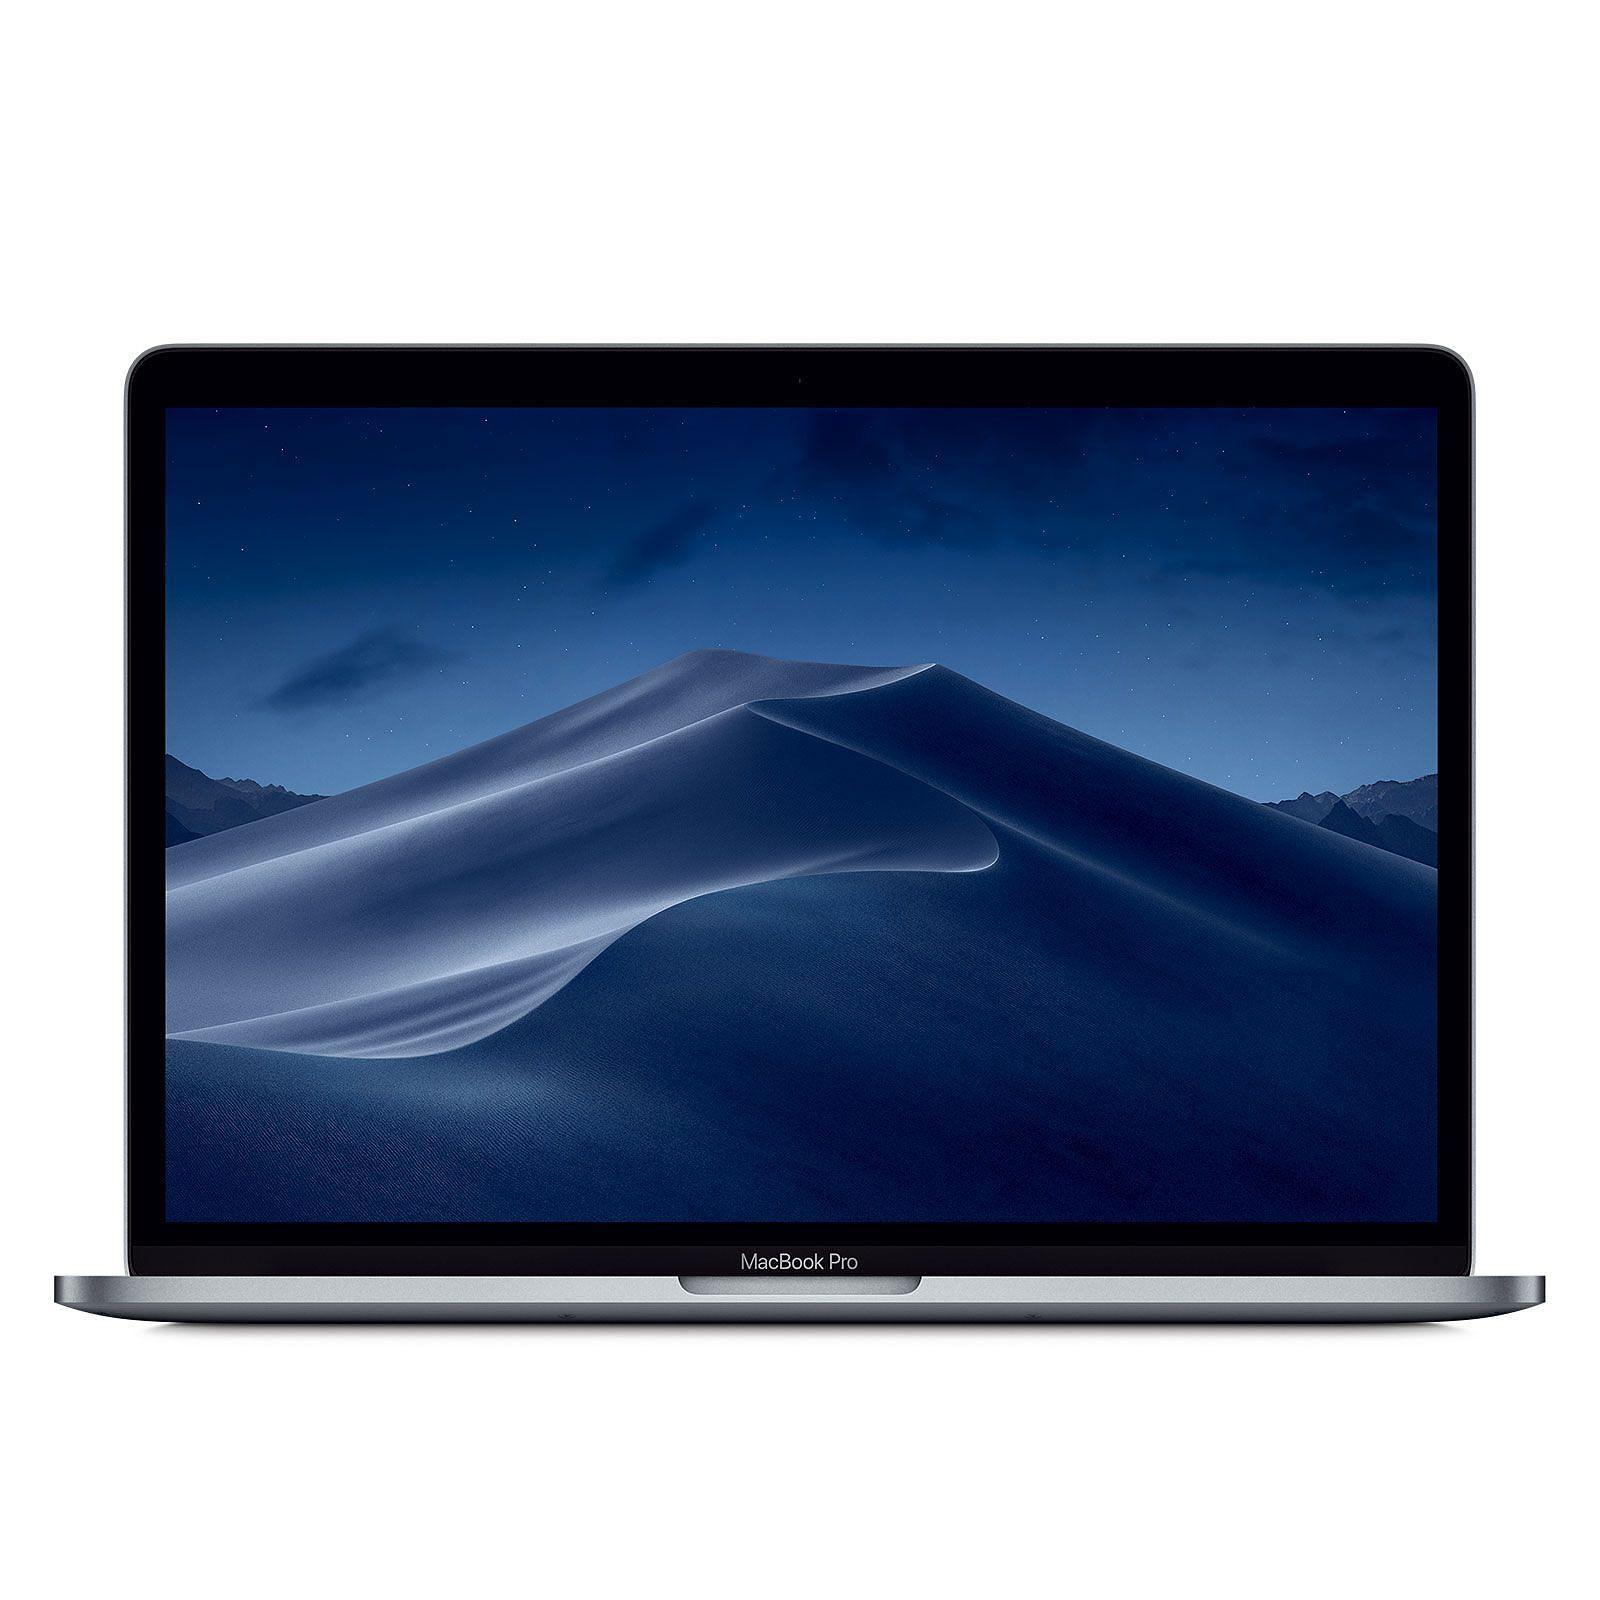 Quel MacBook pour retoucher vos photos sans vous ruiner?